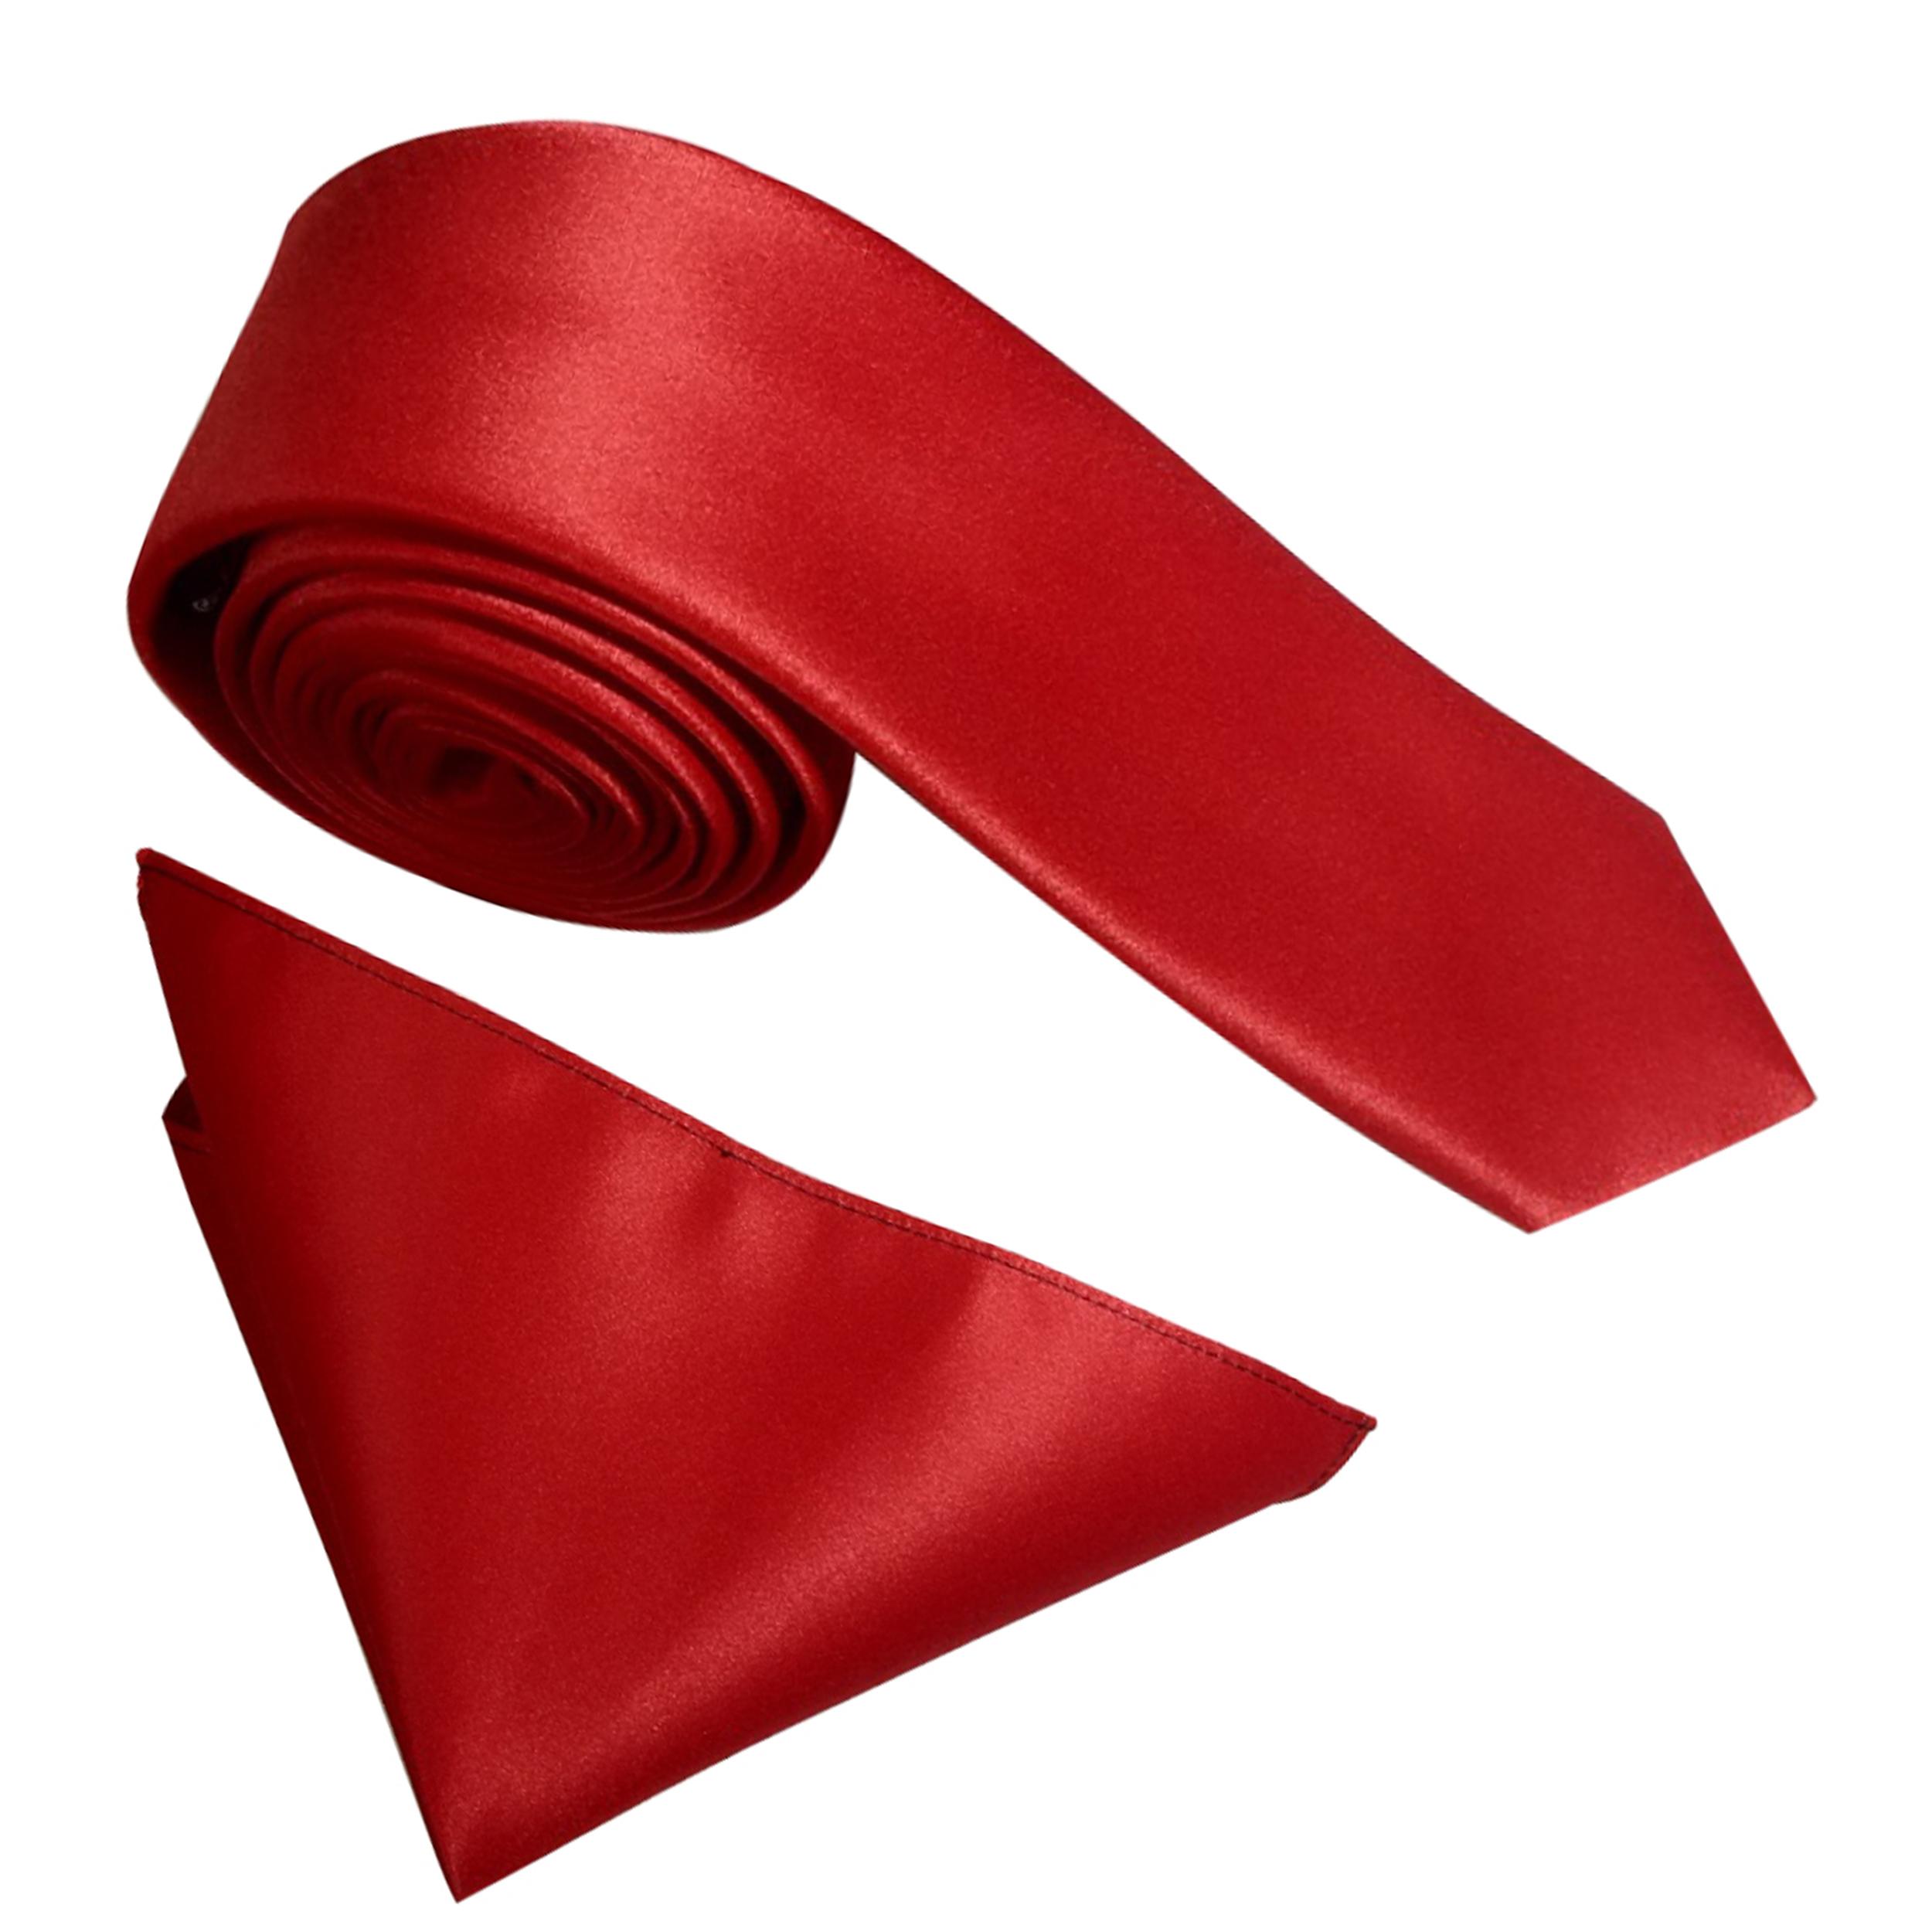 ست کراوات و دستمال جیب مردانه کد KS006